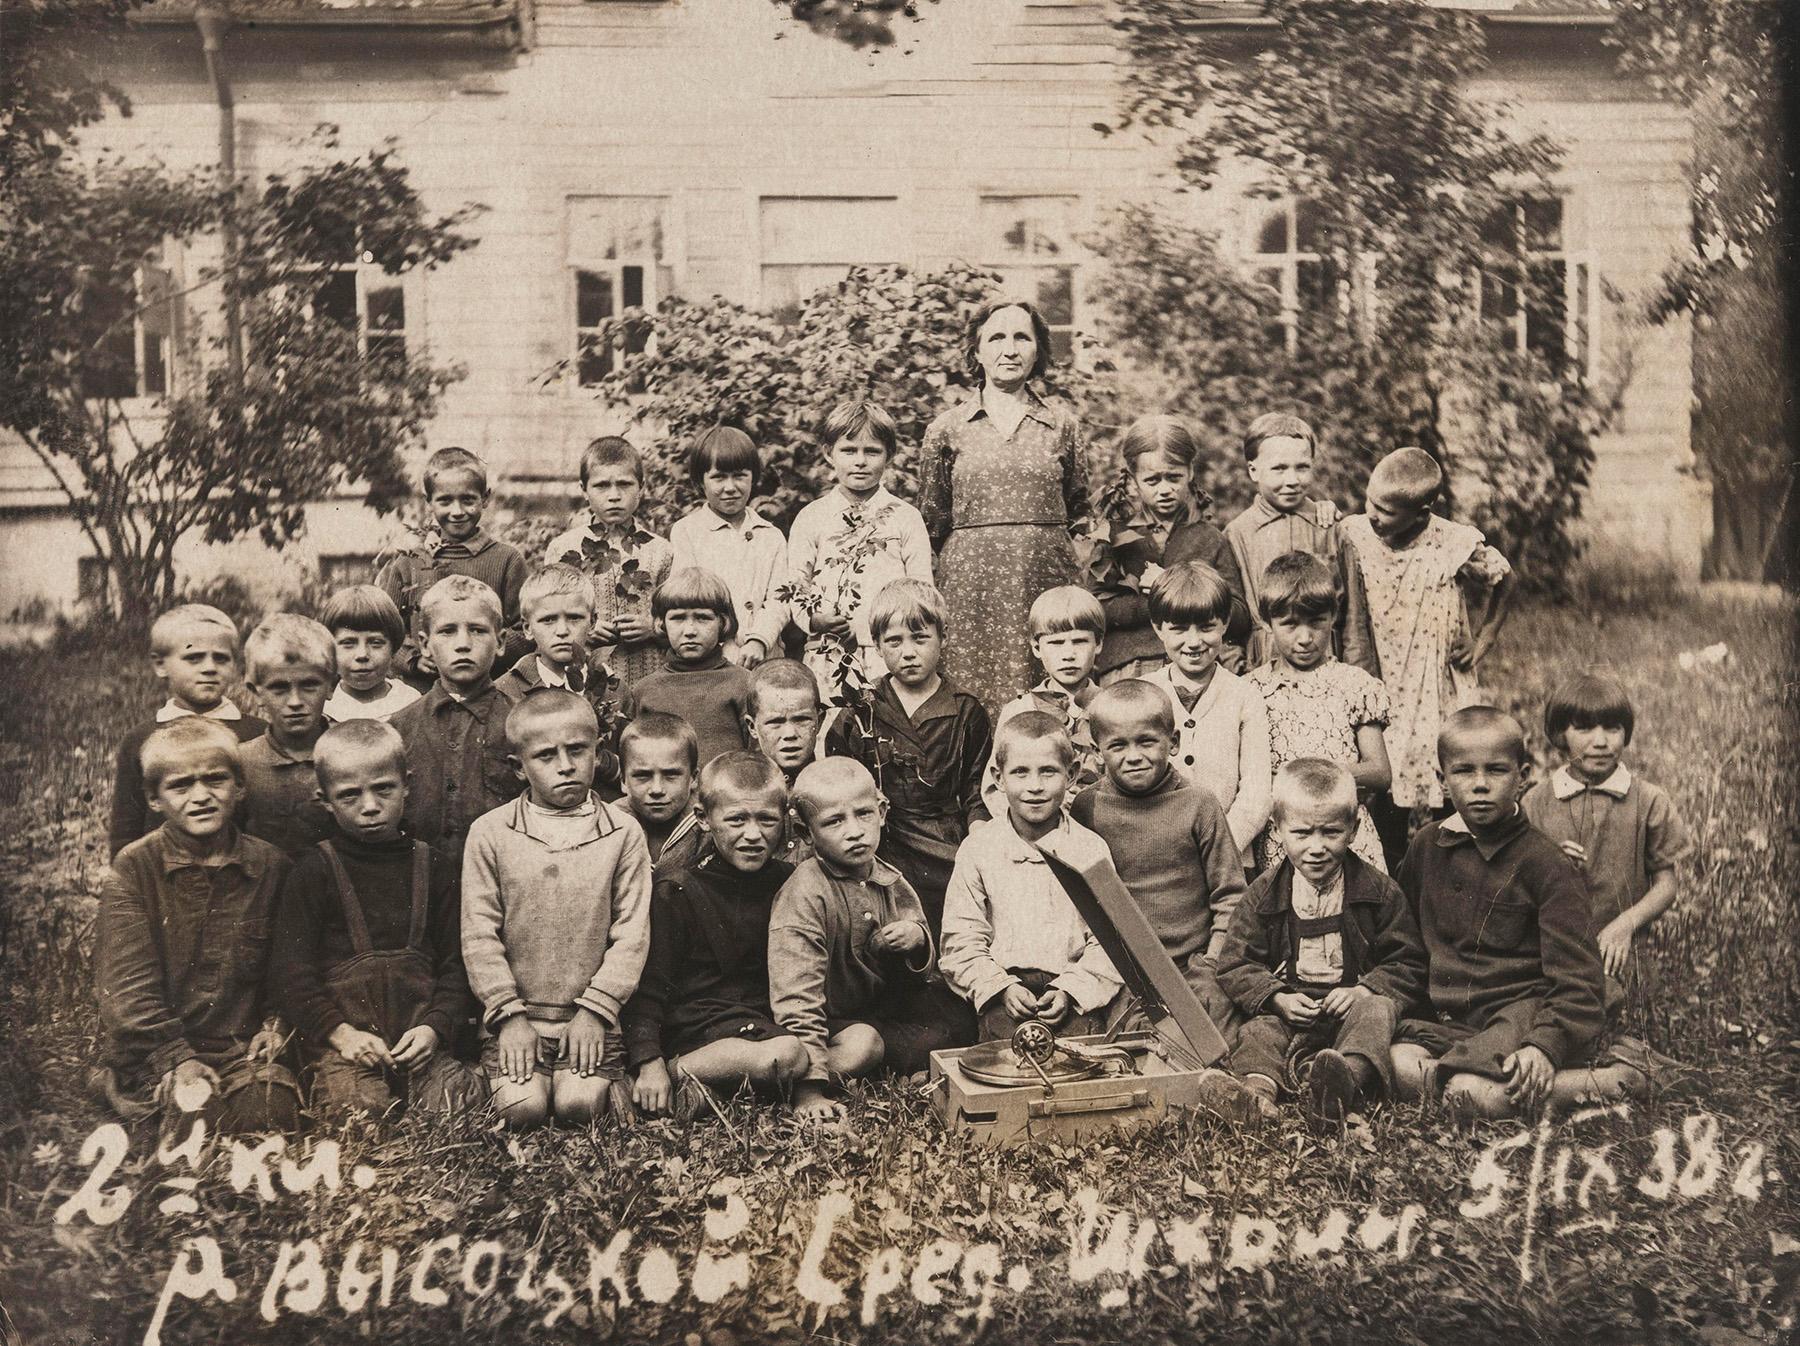 R. Vysotskojen keskikoulun toisen luokan luokkakuva syyskuulta 1938. SKS KIA, Ella Ojalan arkisto. CC BY 4.0